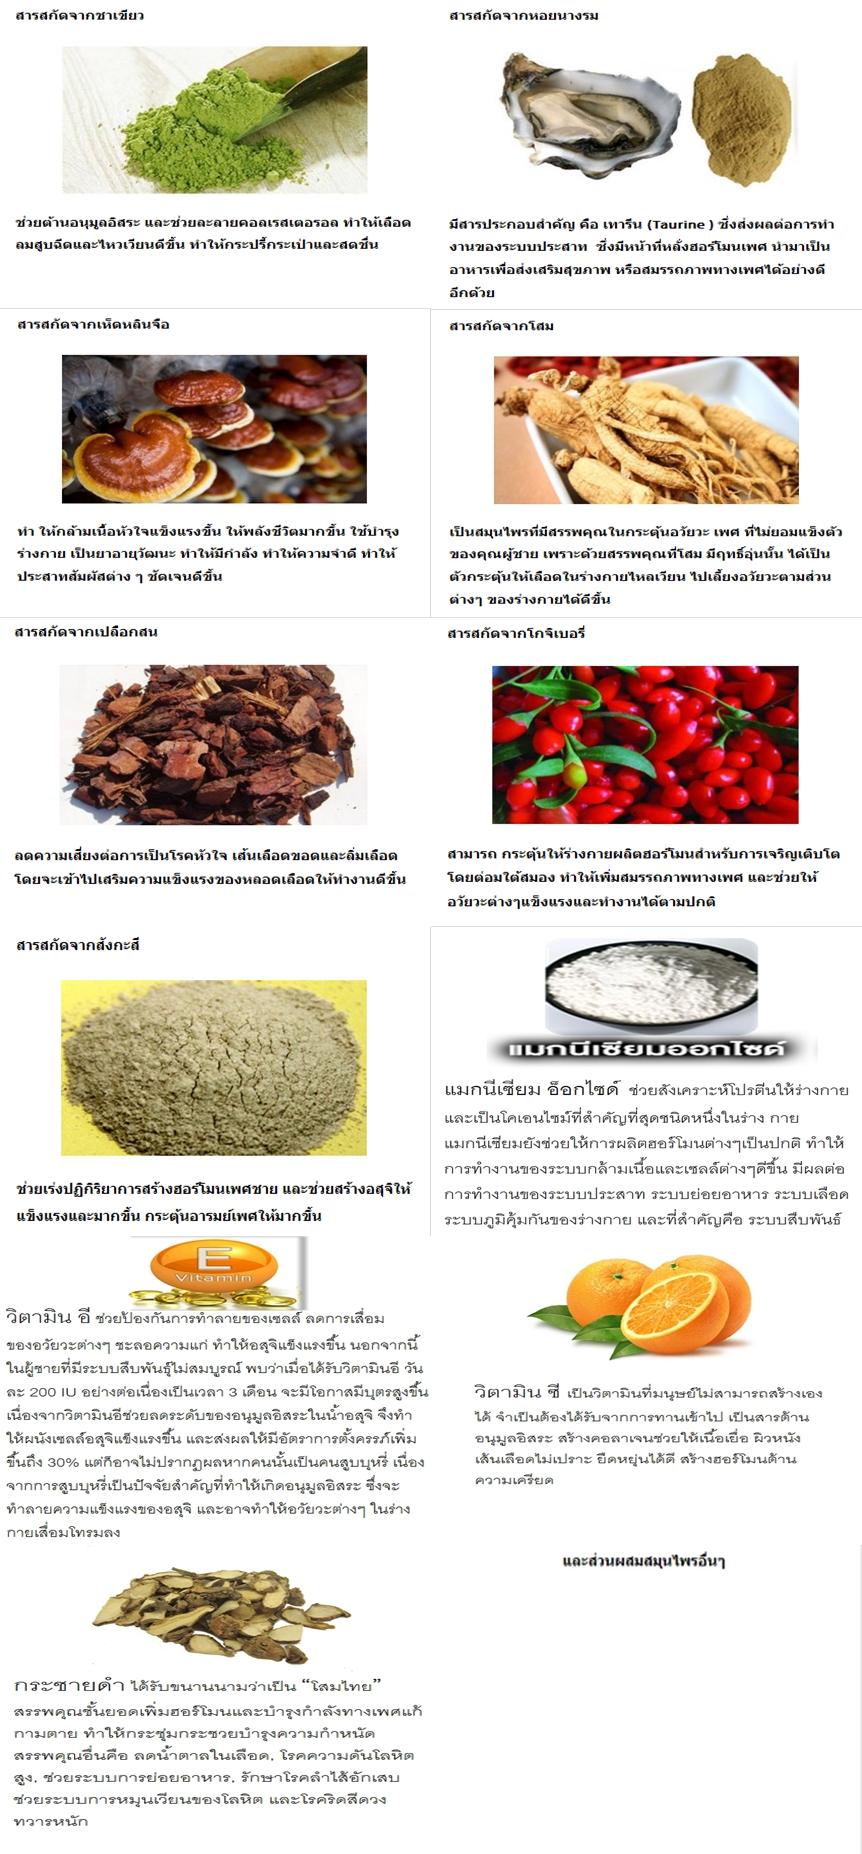 ยาผู้ชาย,อาหารเสริมผู้ชาย,ยาทน,ยาอึด,ยาเพิ่มขนาด,แก้เสื่อมสมรรถภาพผู้ชาย,อาหารเสริมมาโช,ยาชะลอการหลั่งเร็ว,มาโชอาหารเสริม